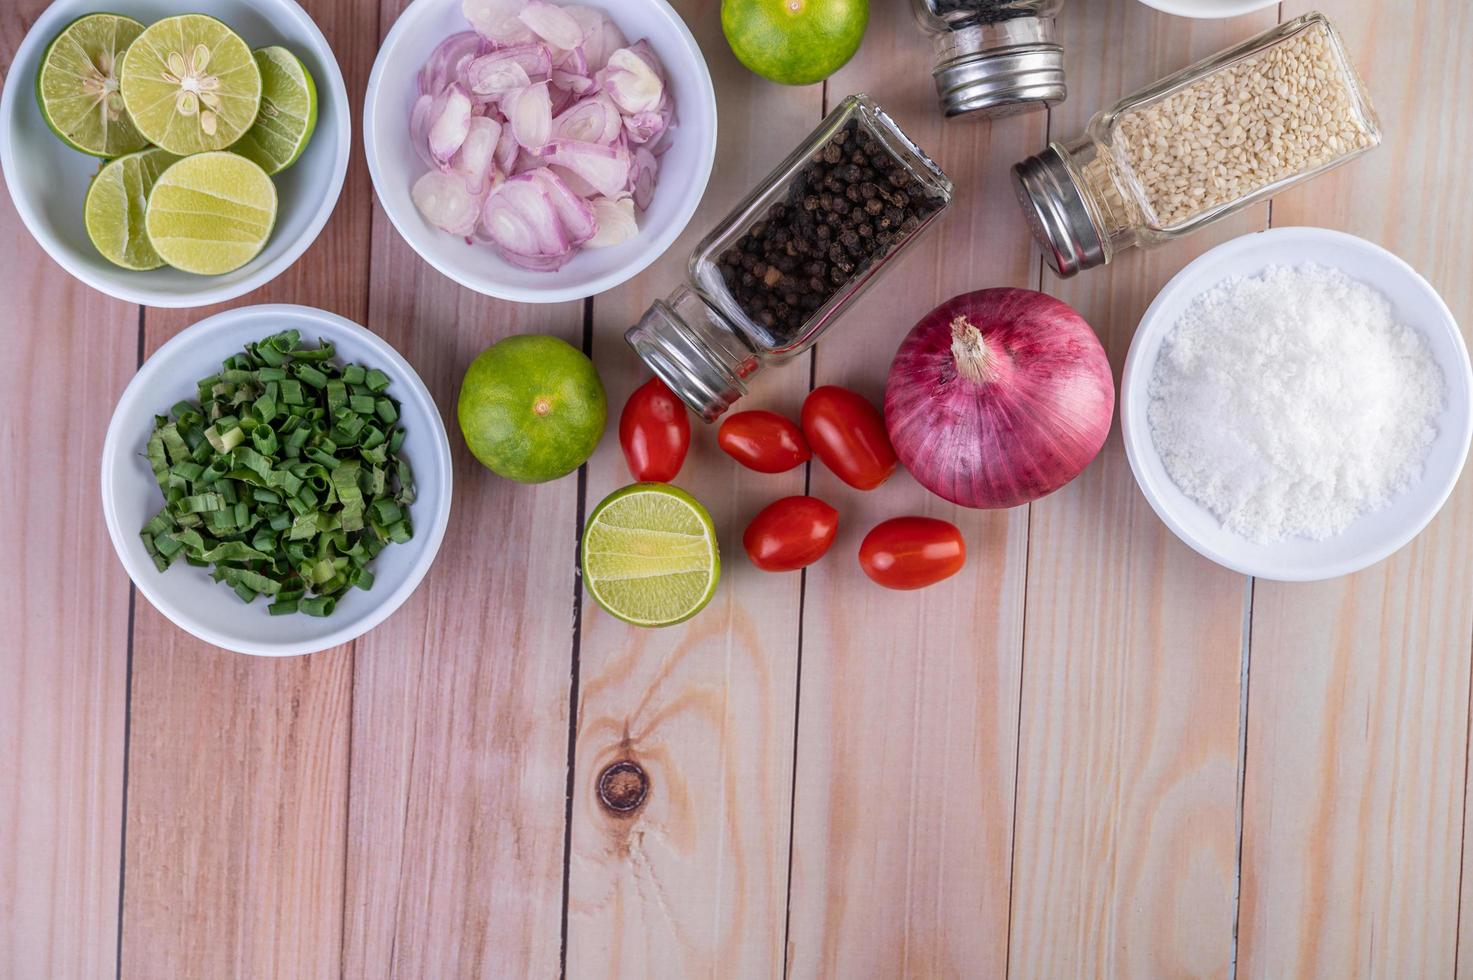 Gemüse und Gewürze auf Holztisch mit Kopierraum foto